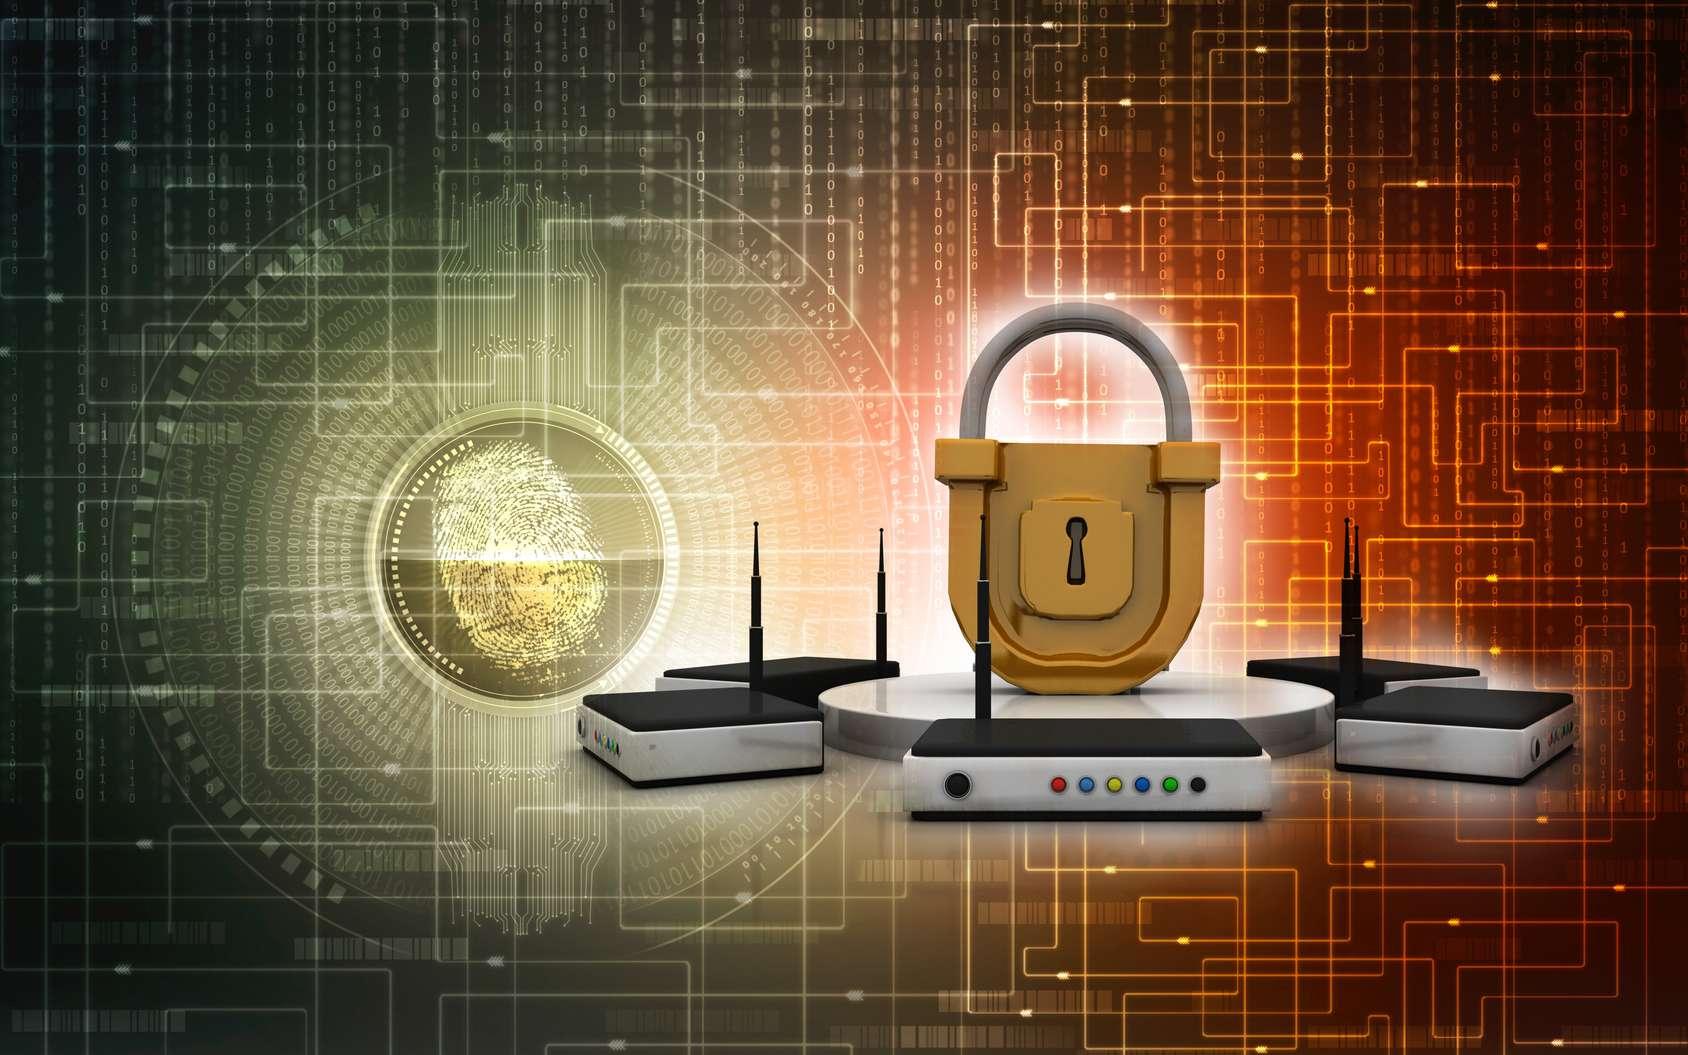 Le protocole WPA3 arrive à point nommé pour renforcer la sécurité des connexions Wi-Fi alors que l'Internet des objets est en pleine expansion. © Deepagopi2011, Fotolia